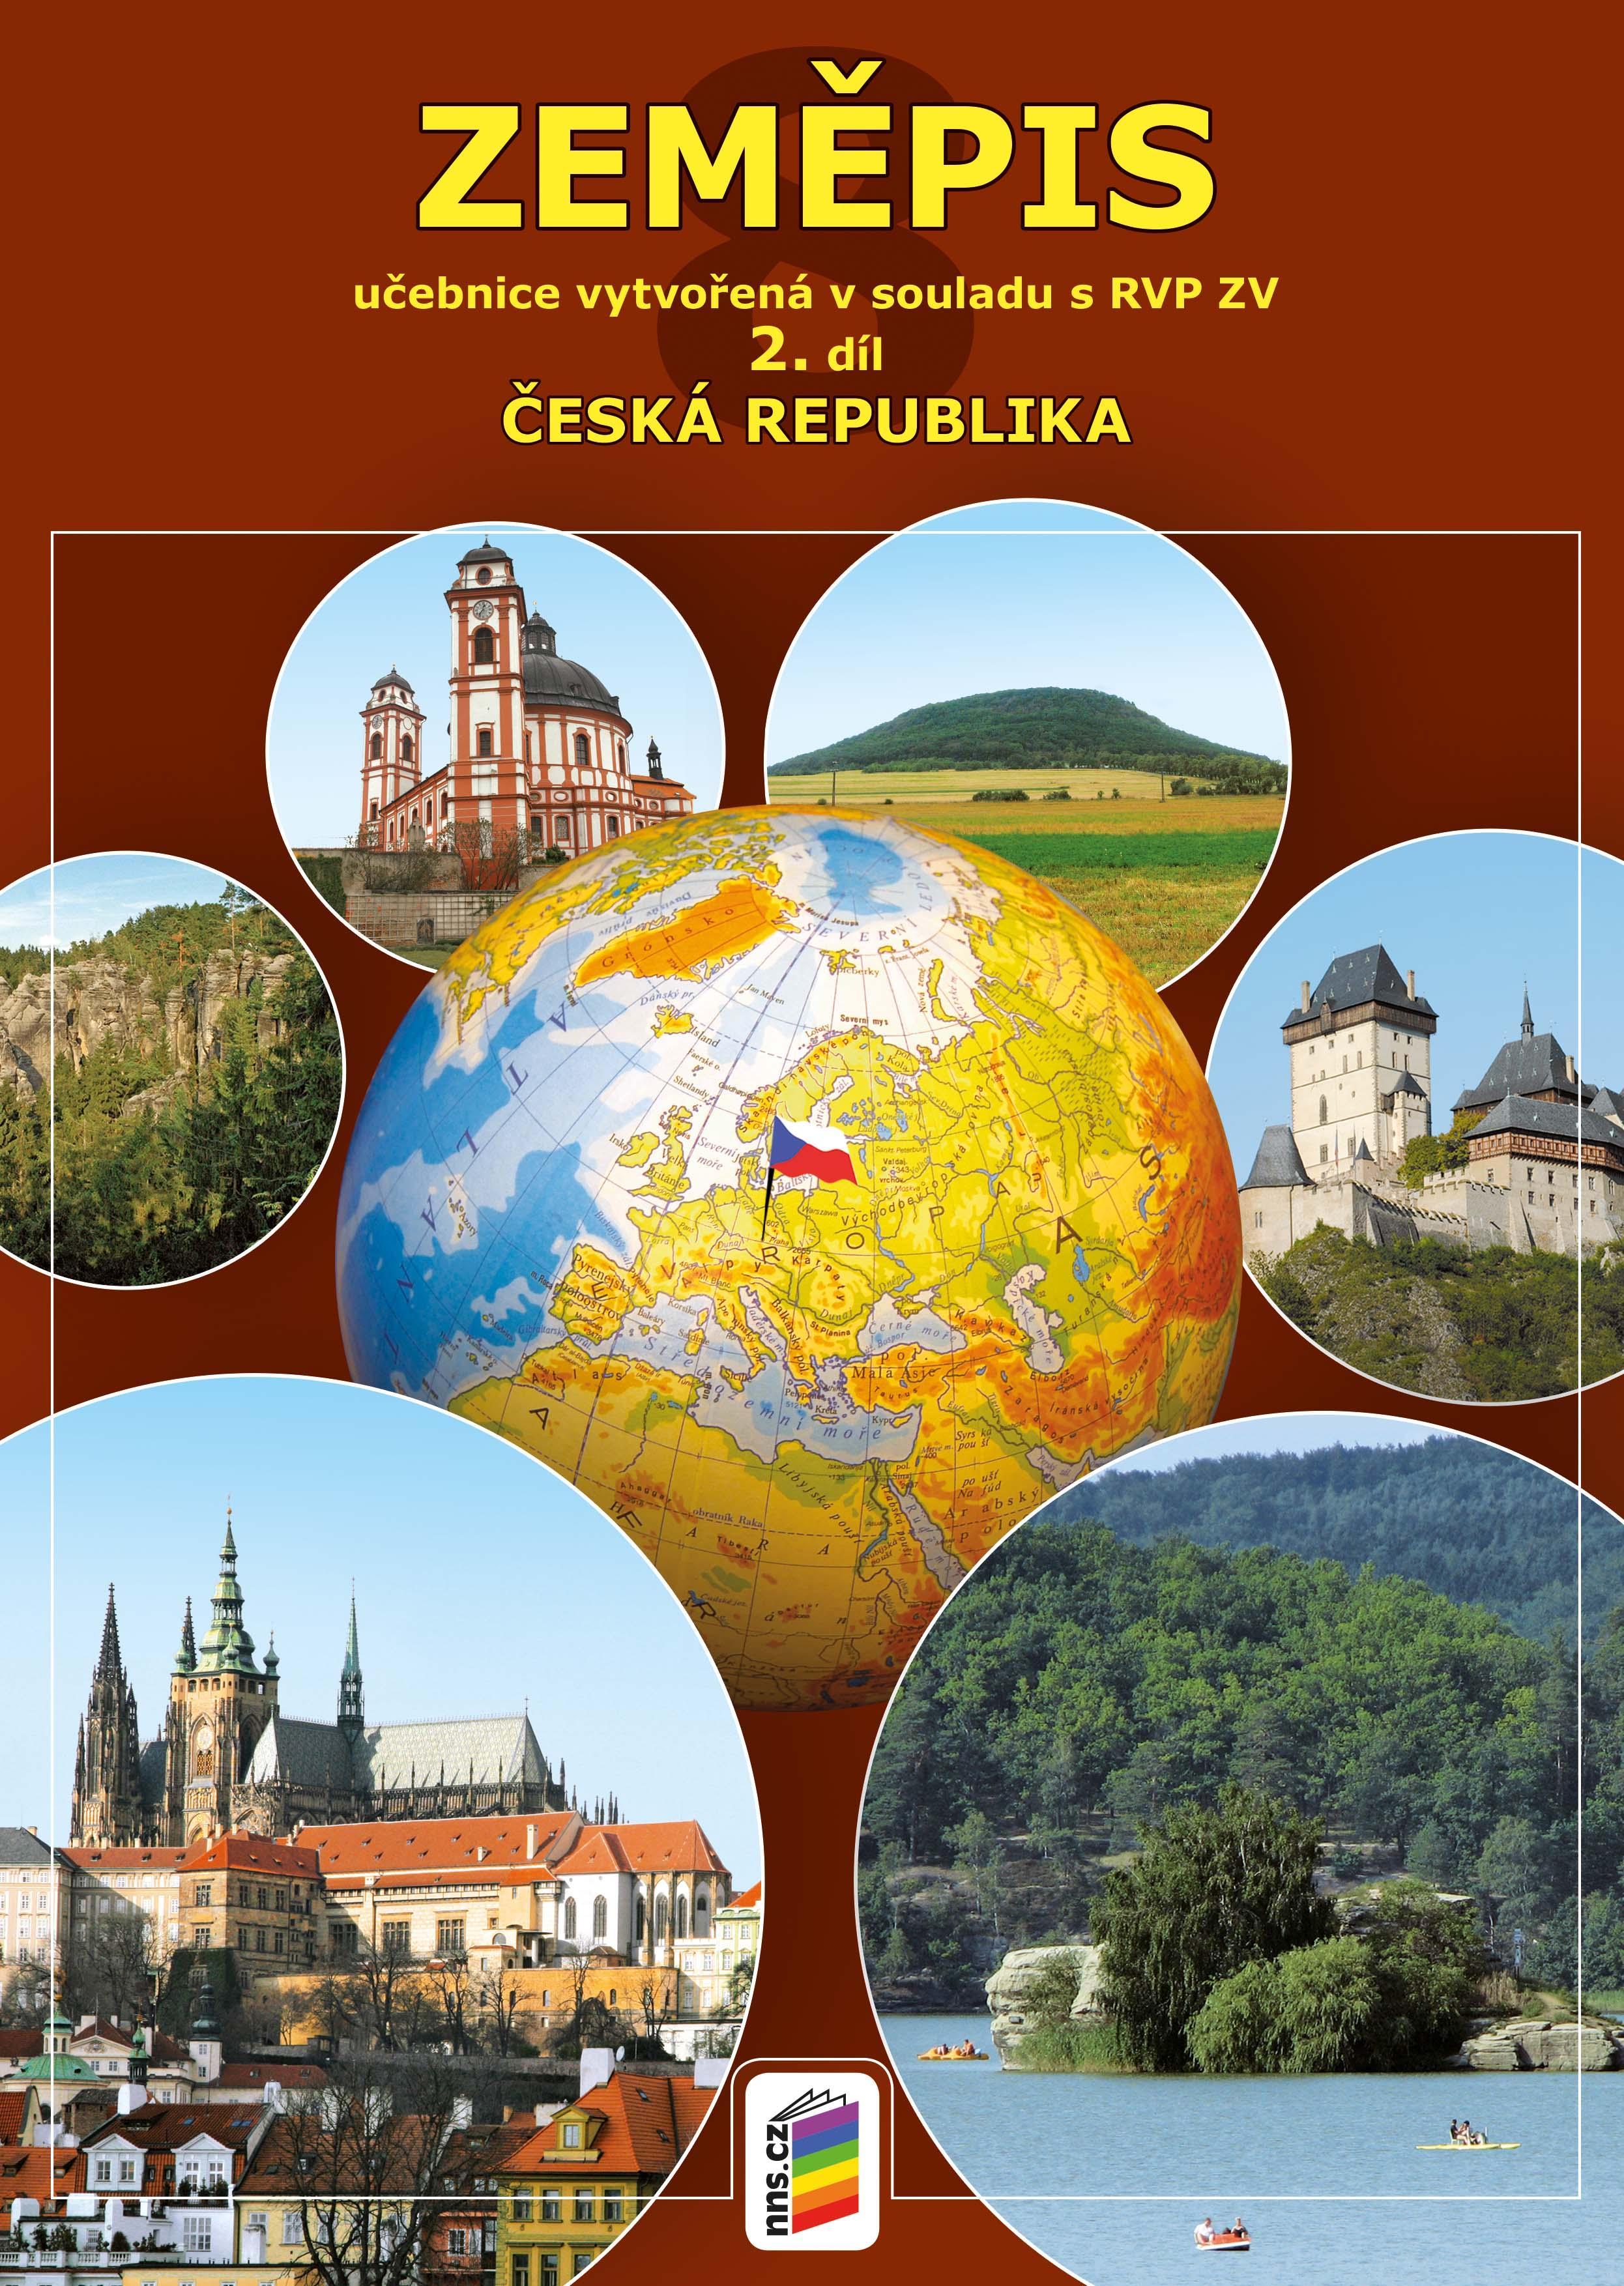 Zeměpis 8, 2. díl - Česká republika